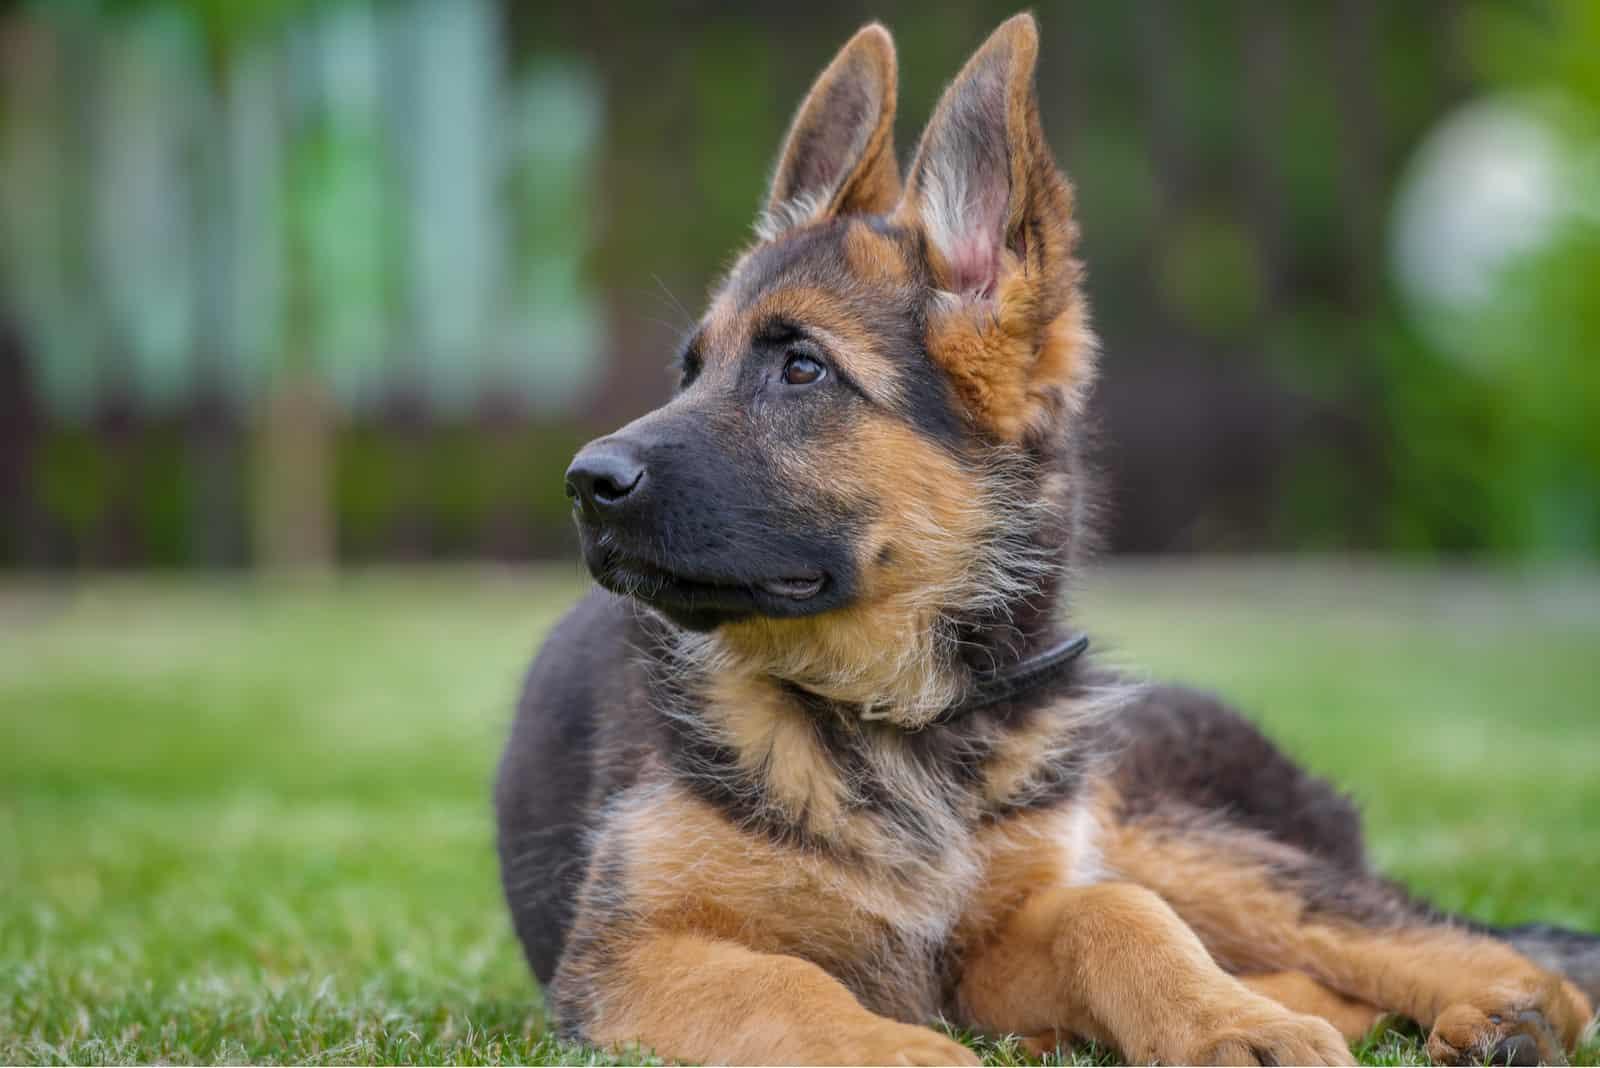 German Shepherd looks attentively